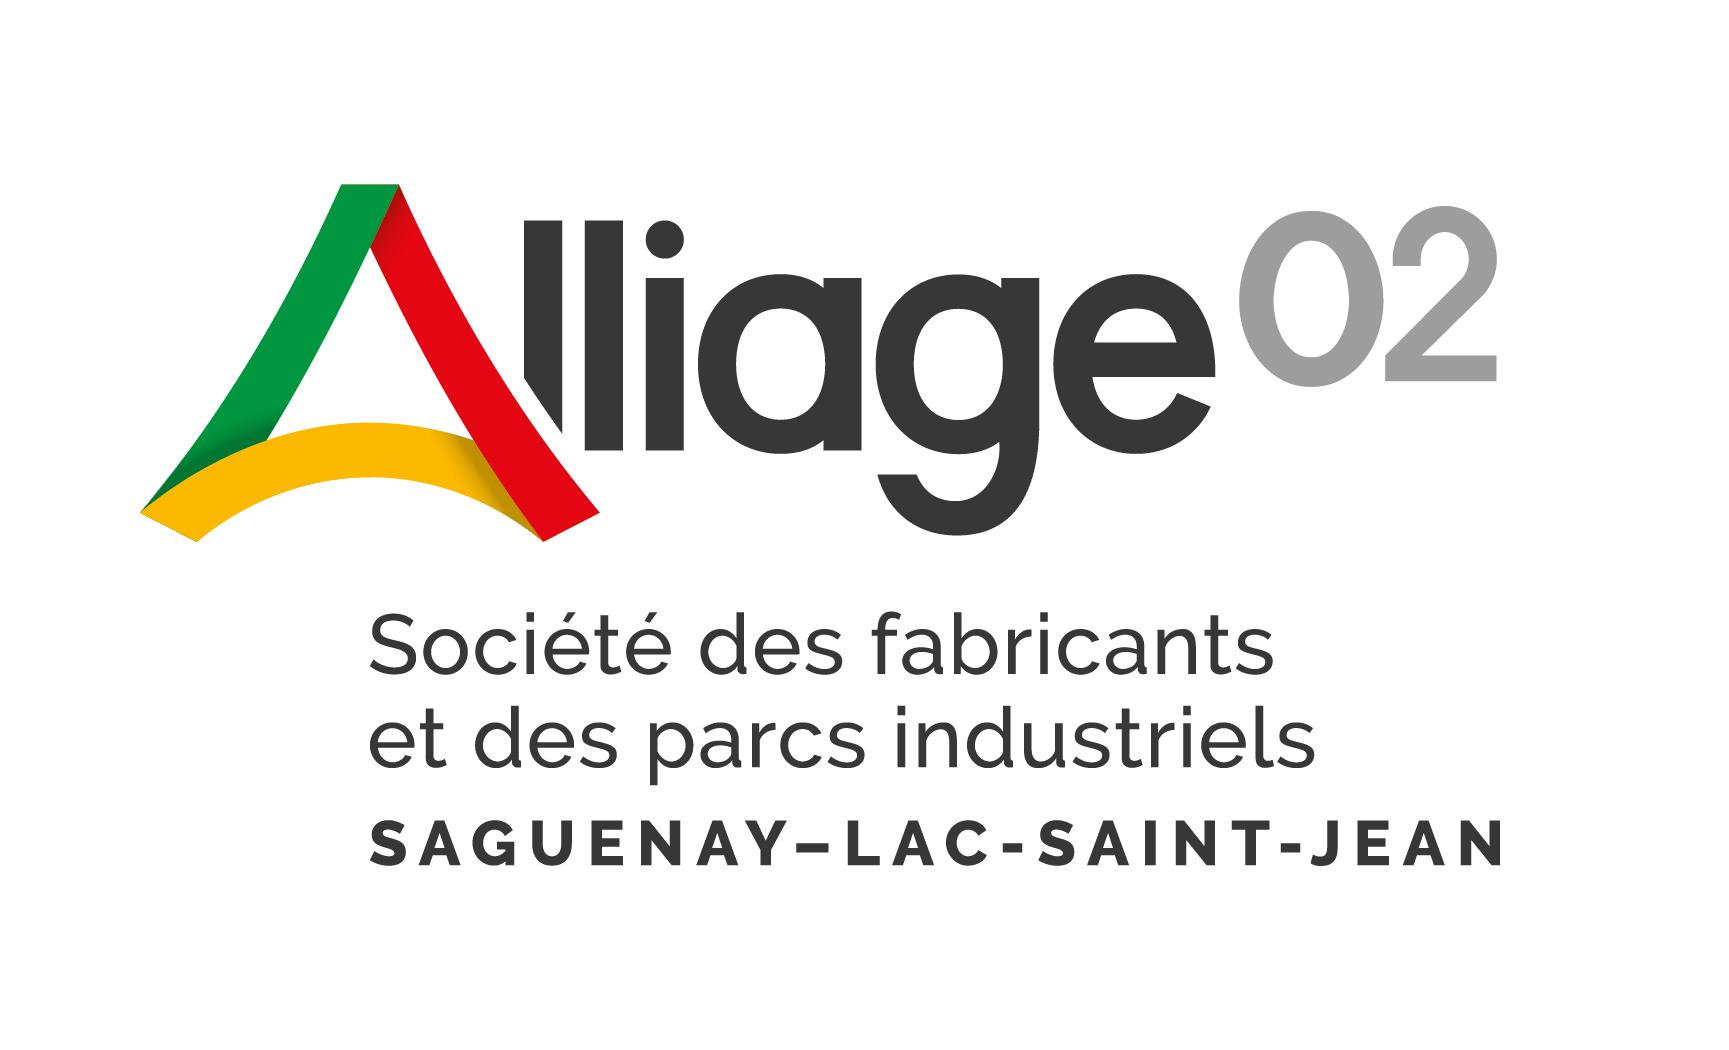 logo de Alliage 02